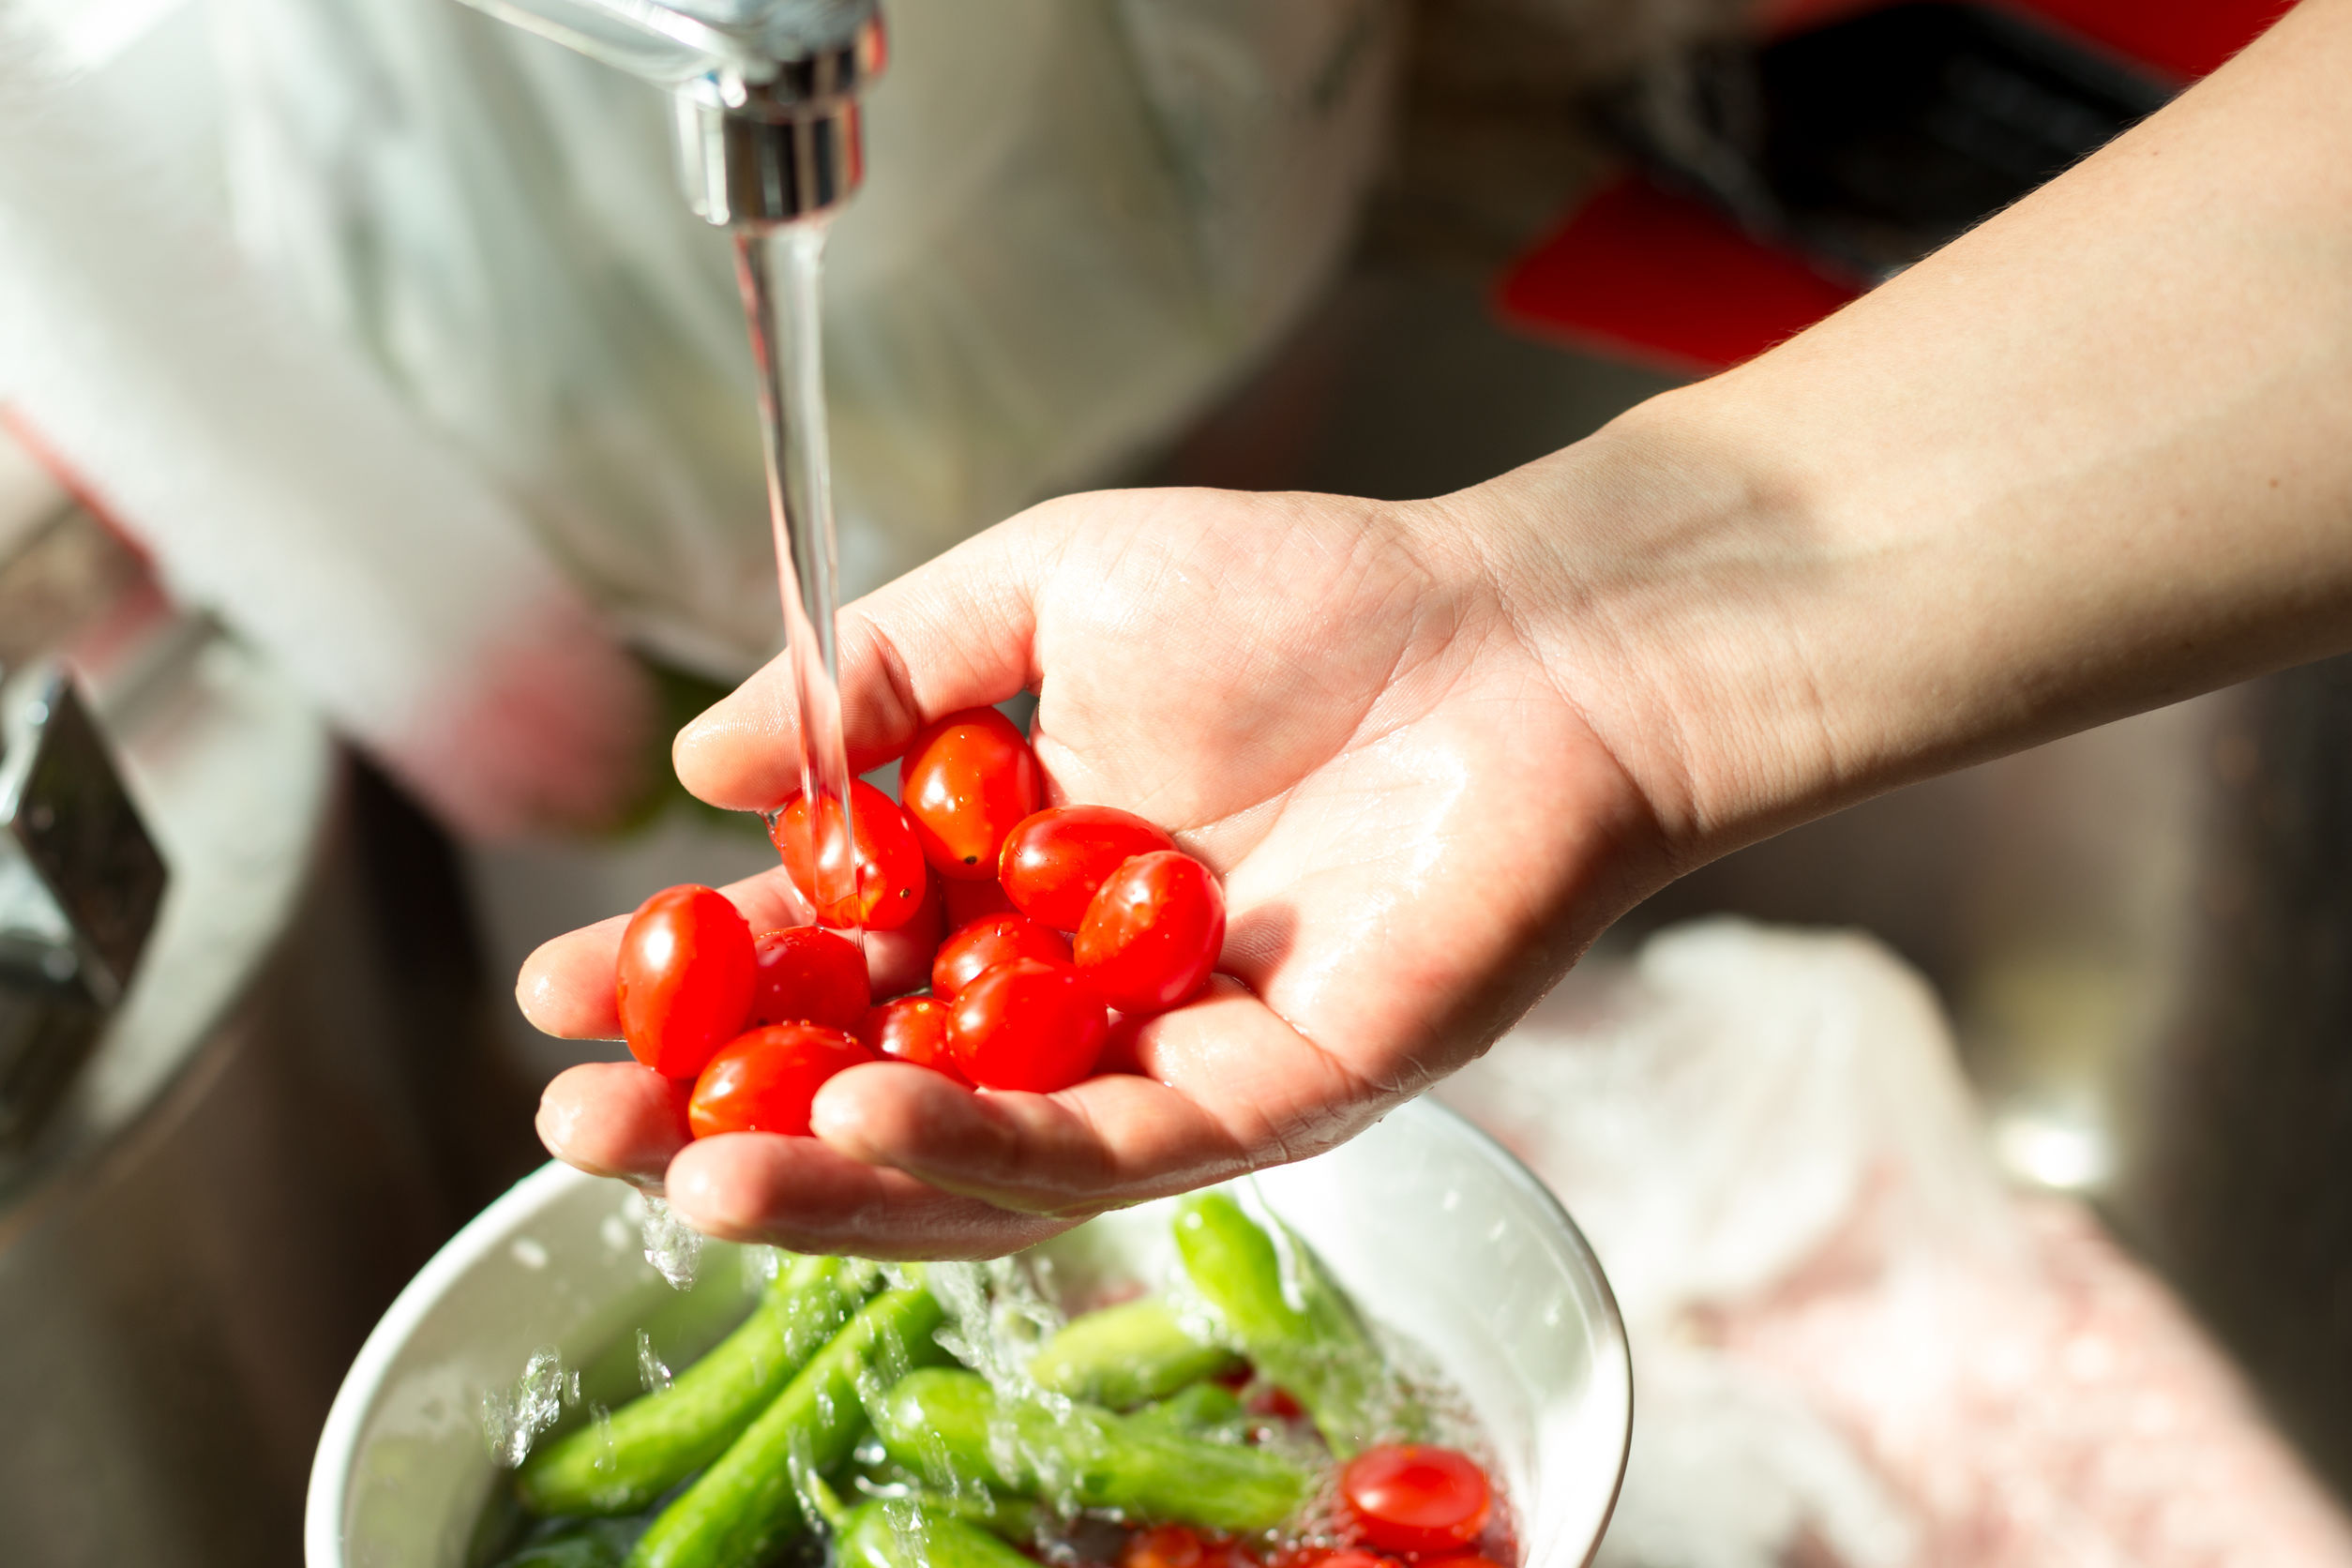 과일과 채소, 어떻게 씻어야 잔류농약 걱정 없을까?